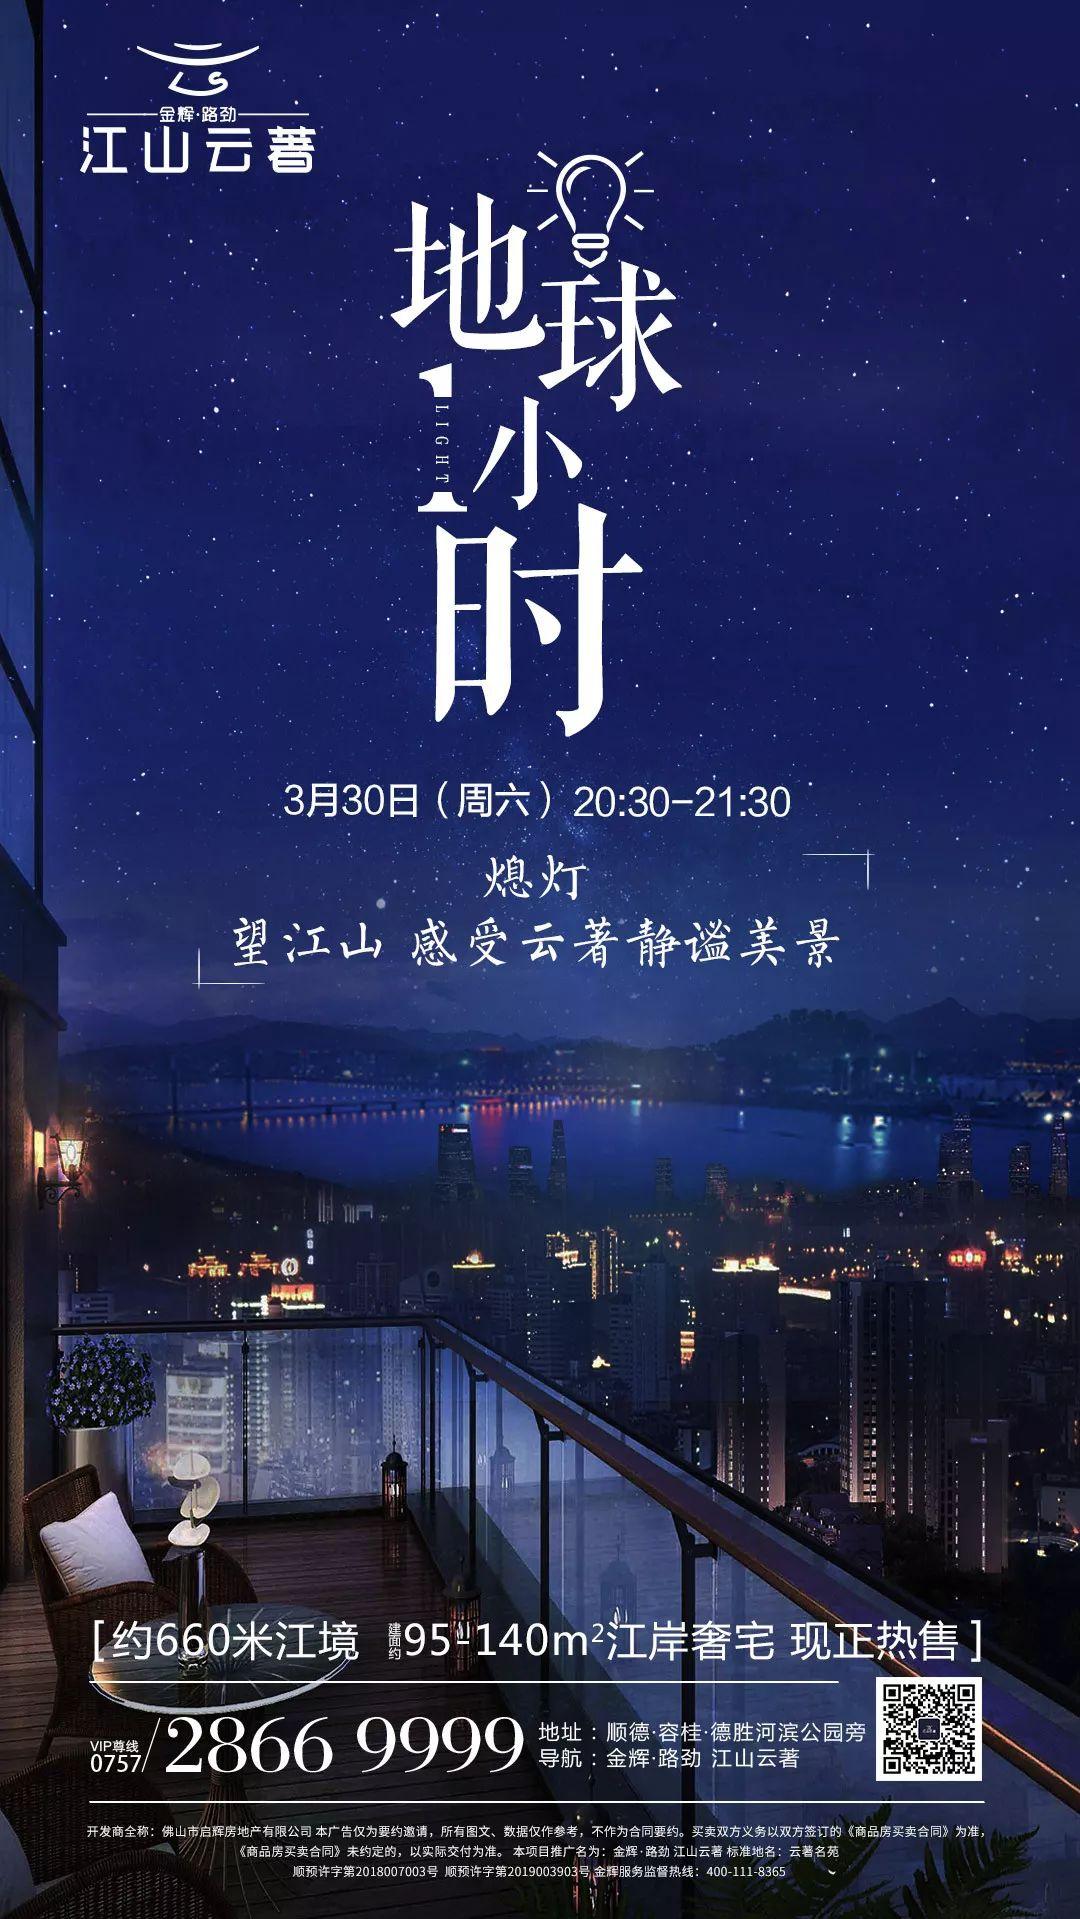 地球一小时文案海报:抬头发现天空中最亮的星!插图22